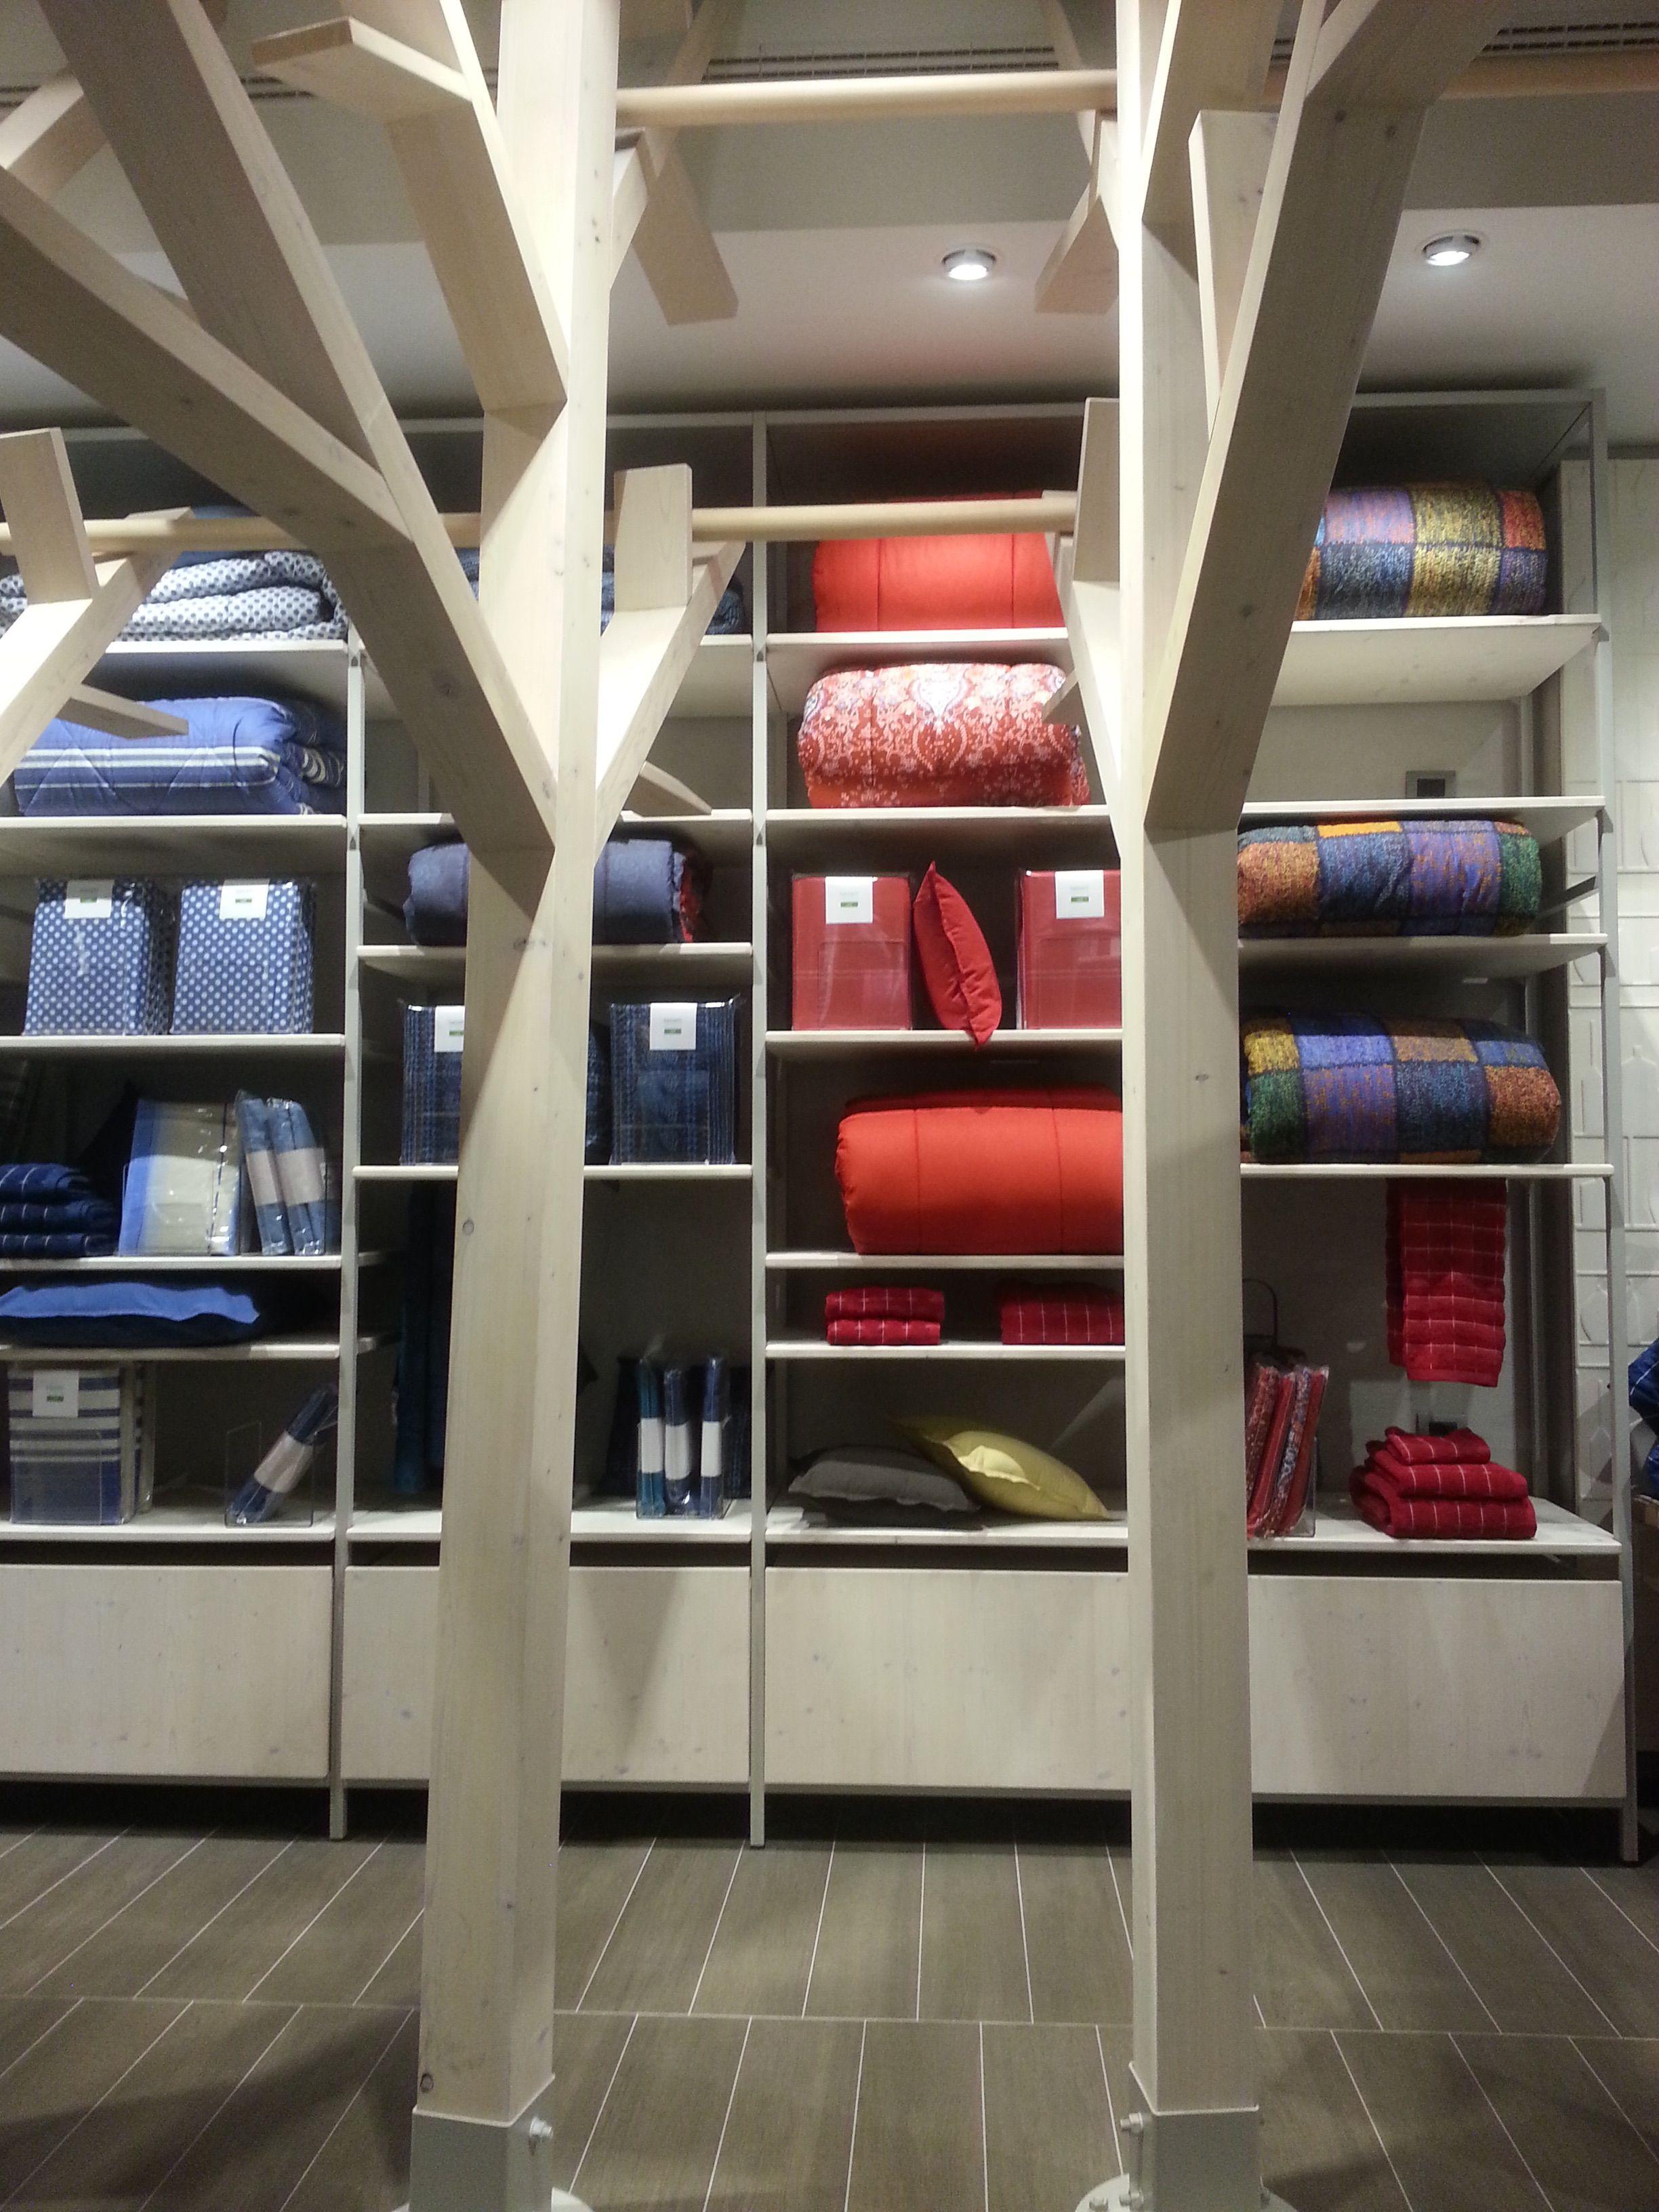 Negozi Per La Casa Milano bassetti home innovation, milan, italy design | visual